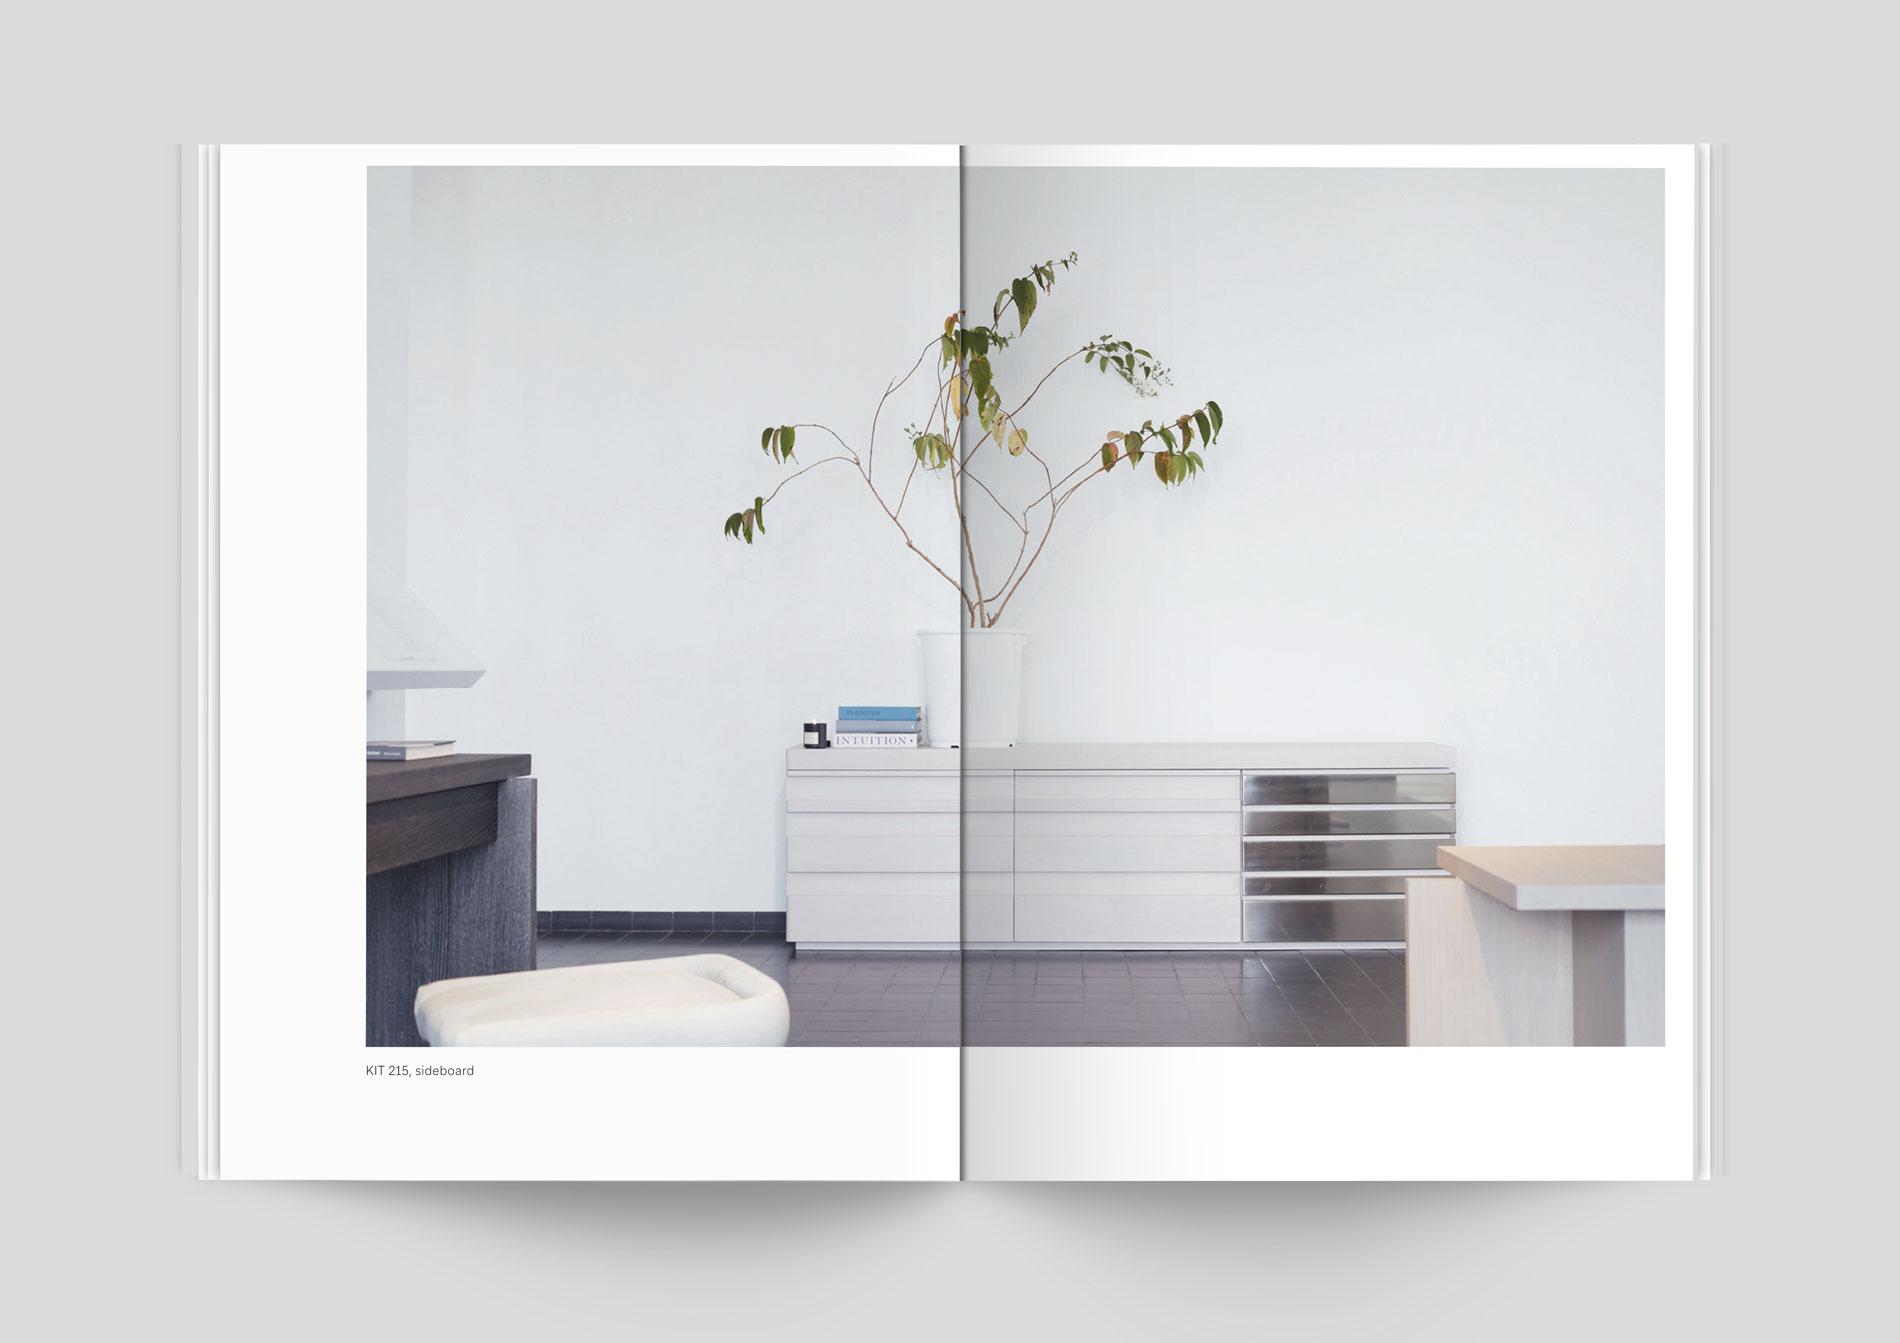 nicoletta-dalfino-van-rossum-antwerp-lookbook-06